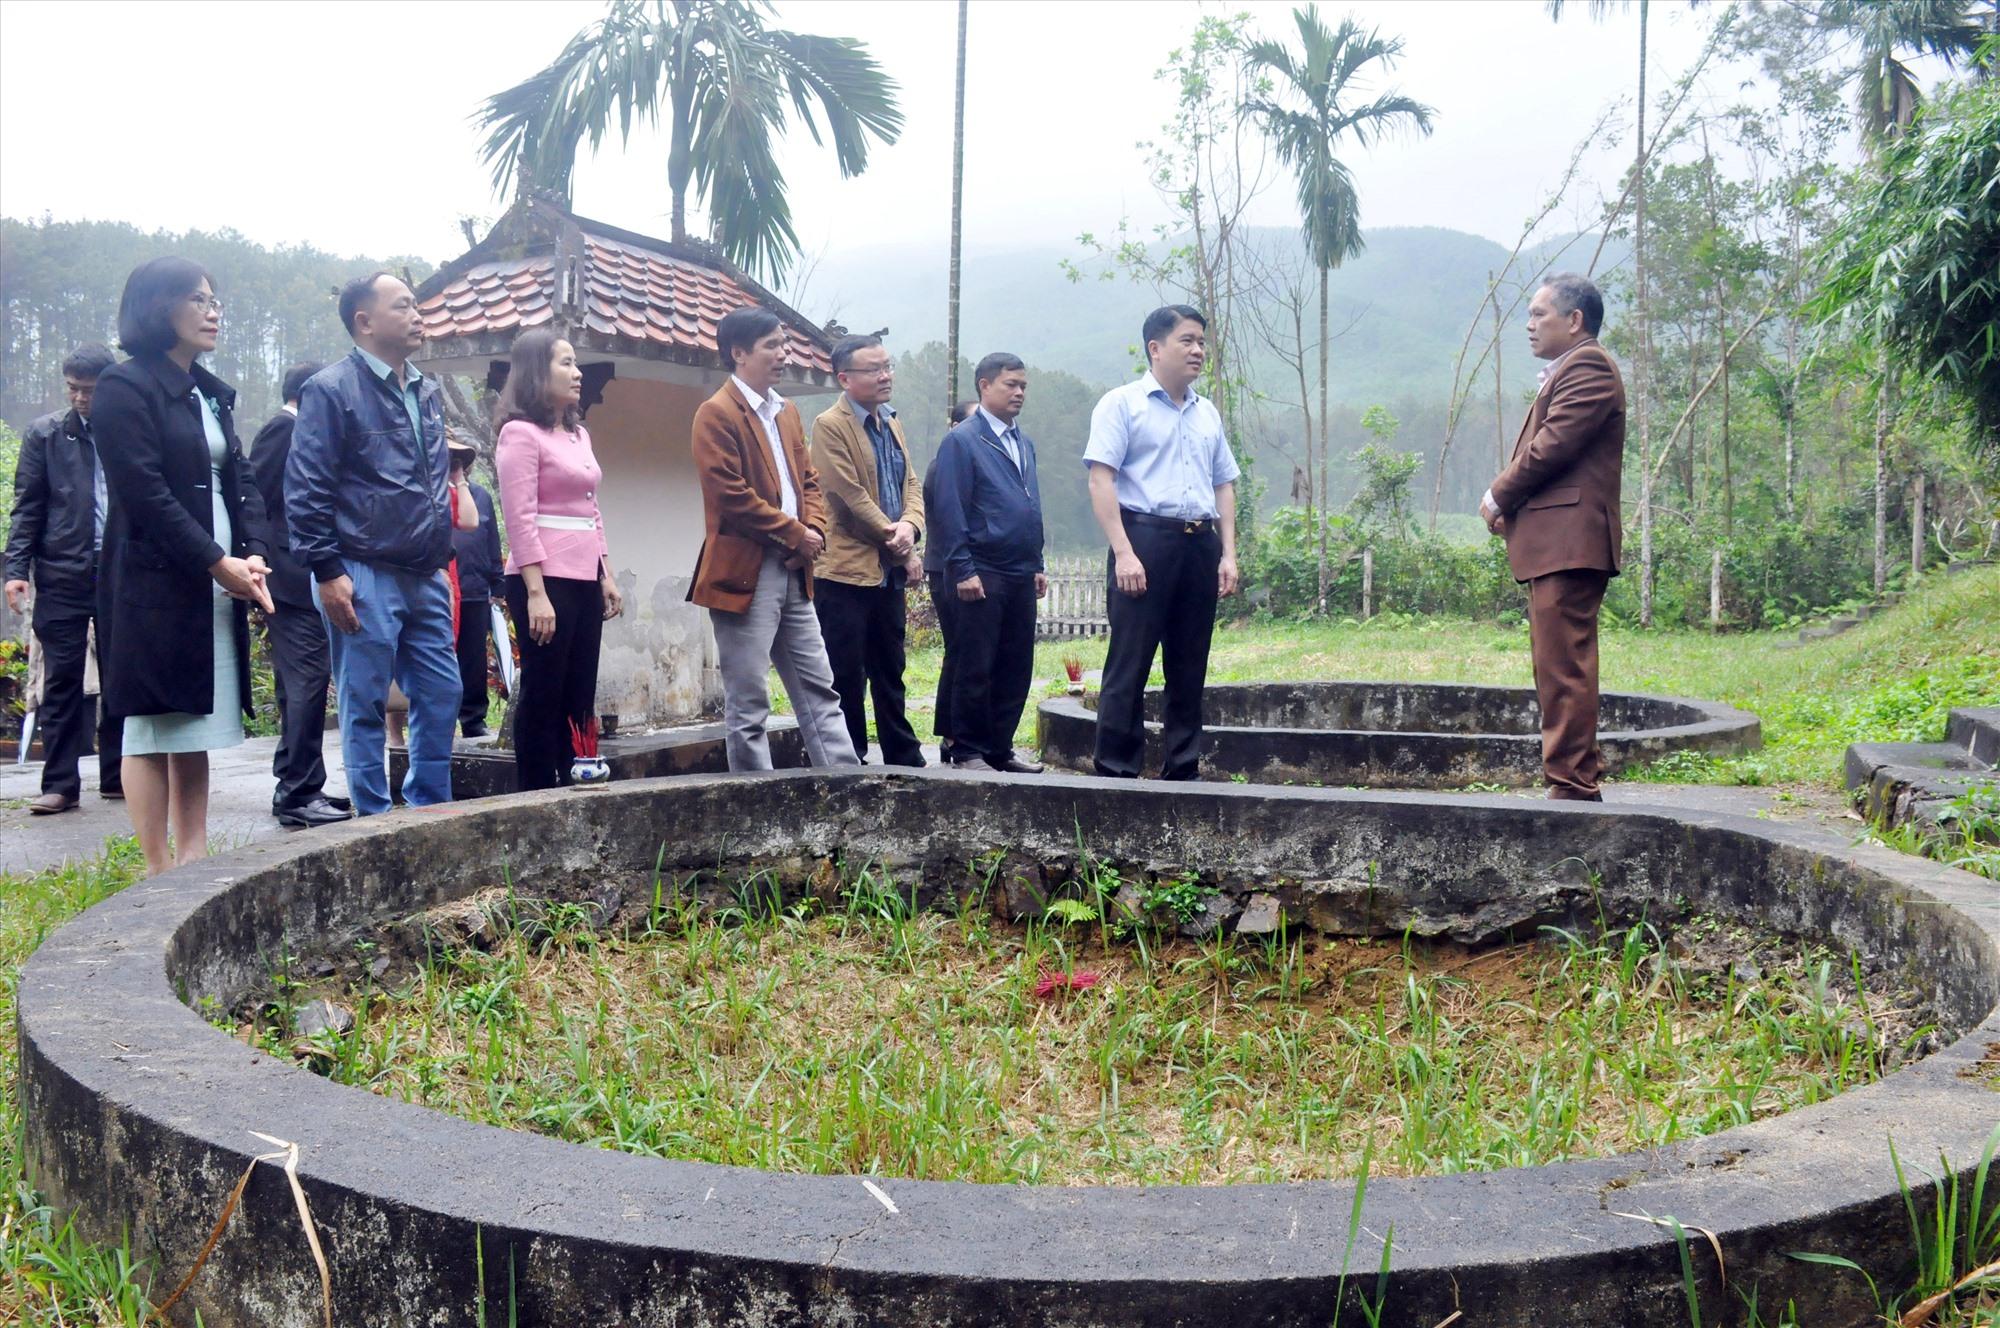 Phó Chủ tịch UBND tỉnh Trần Văn Tân đi khảo sát tại Khu chứng tích vụ thảm sát Đồng Trại sáng 18.2.2021. Ảnh: N.Đ